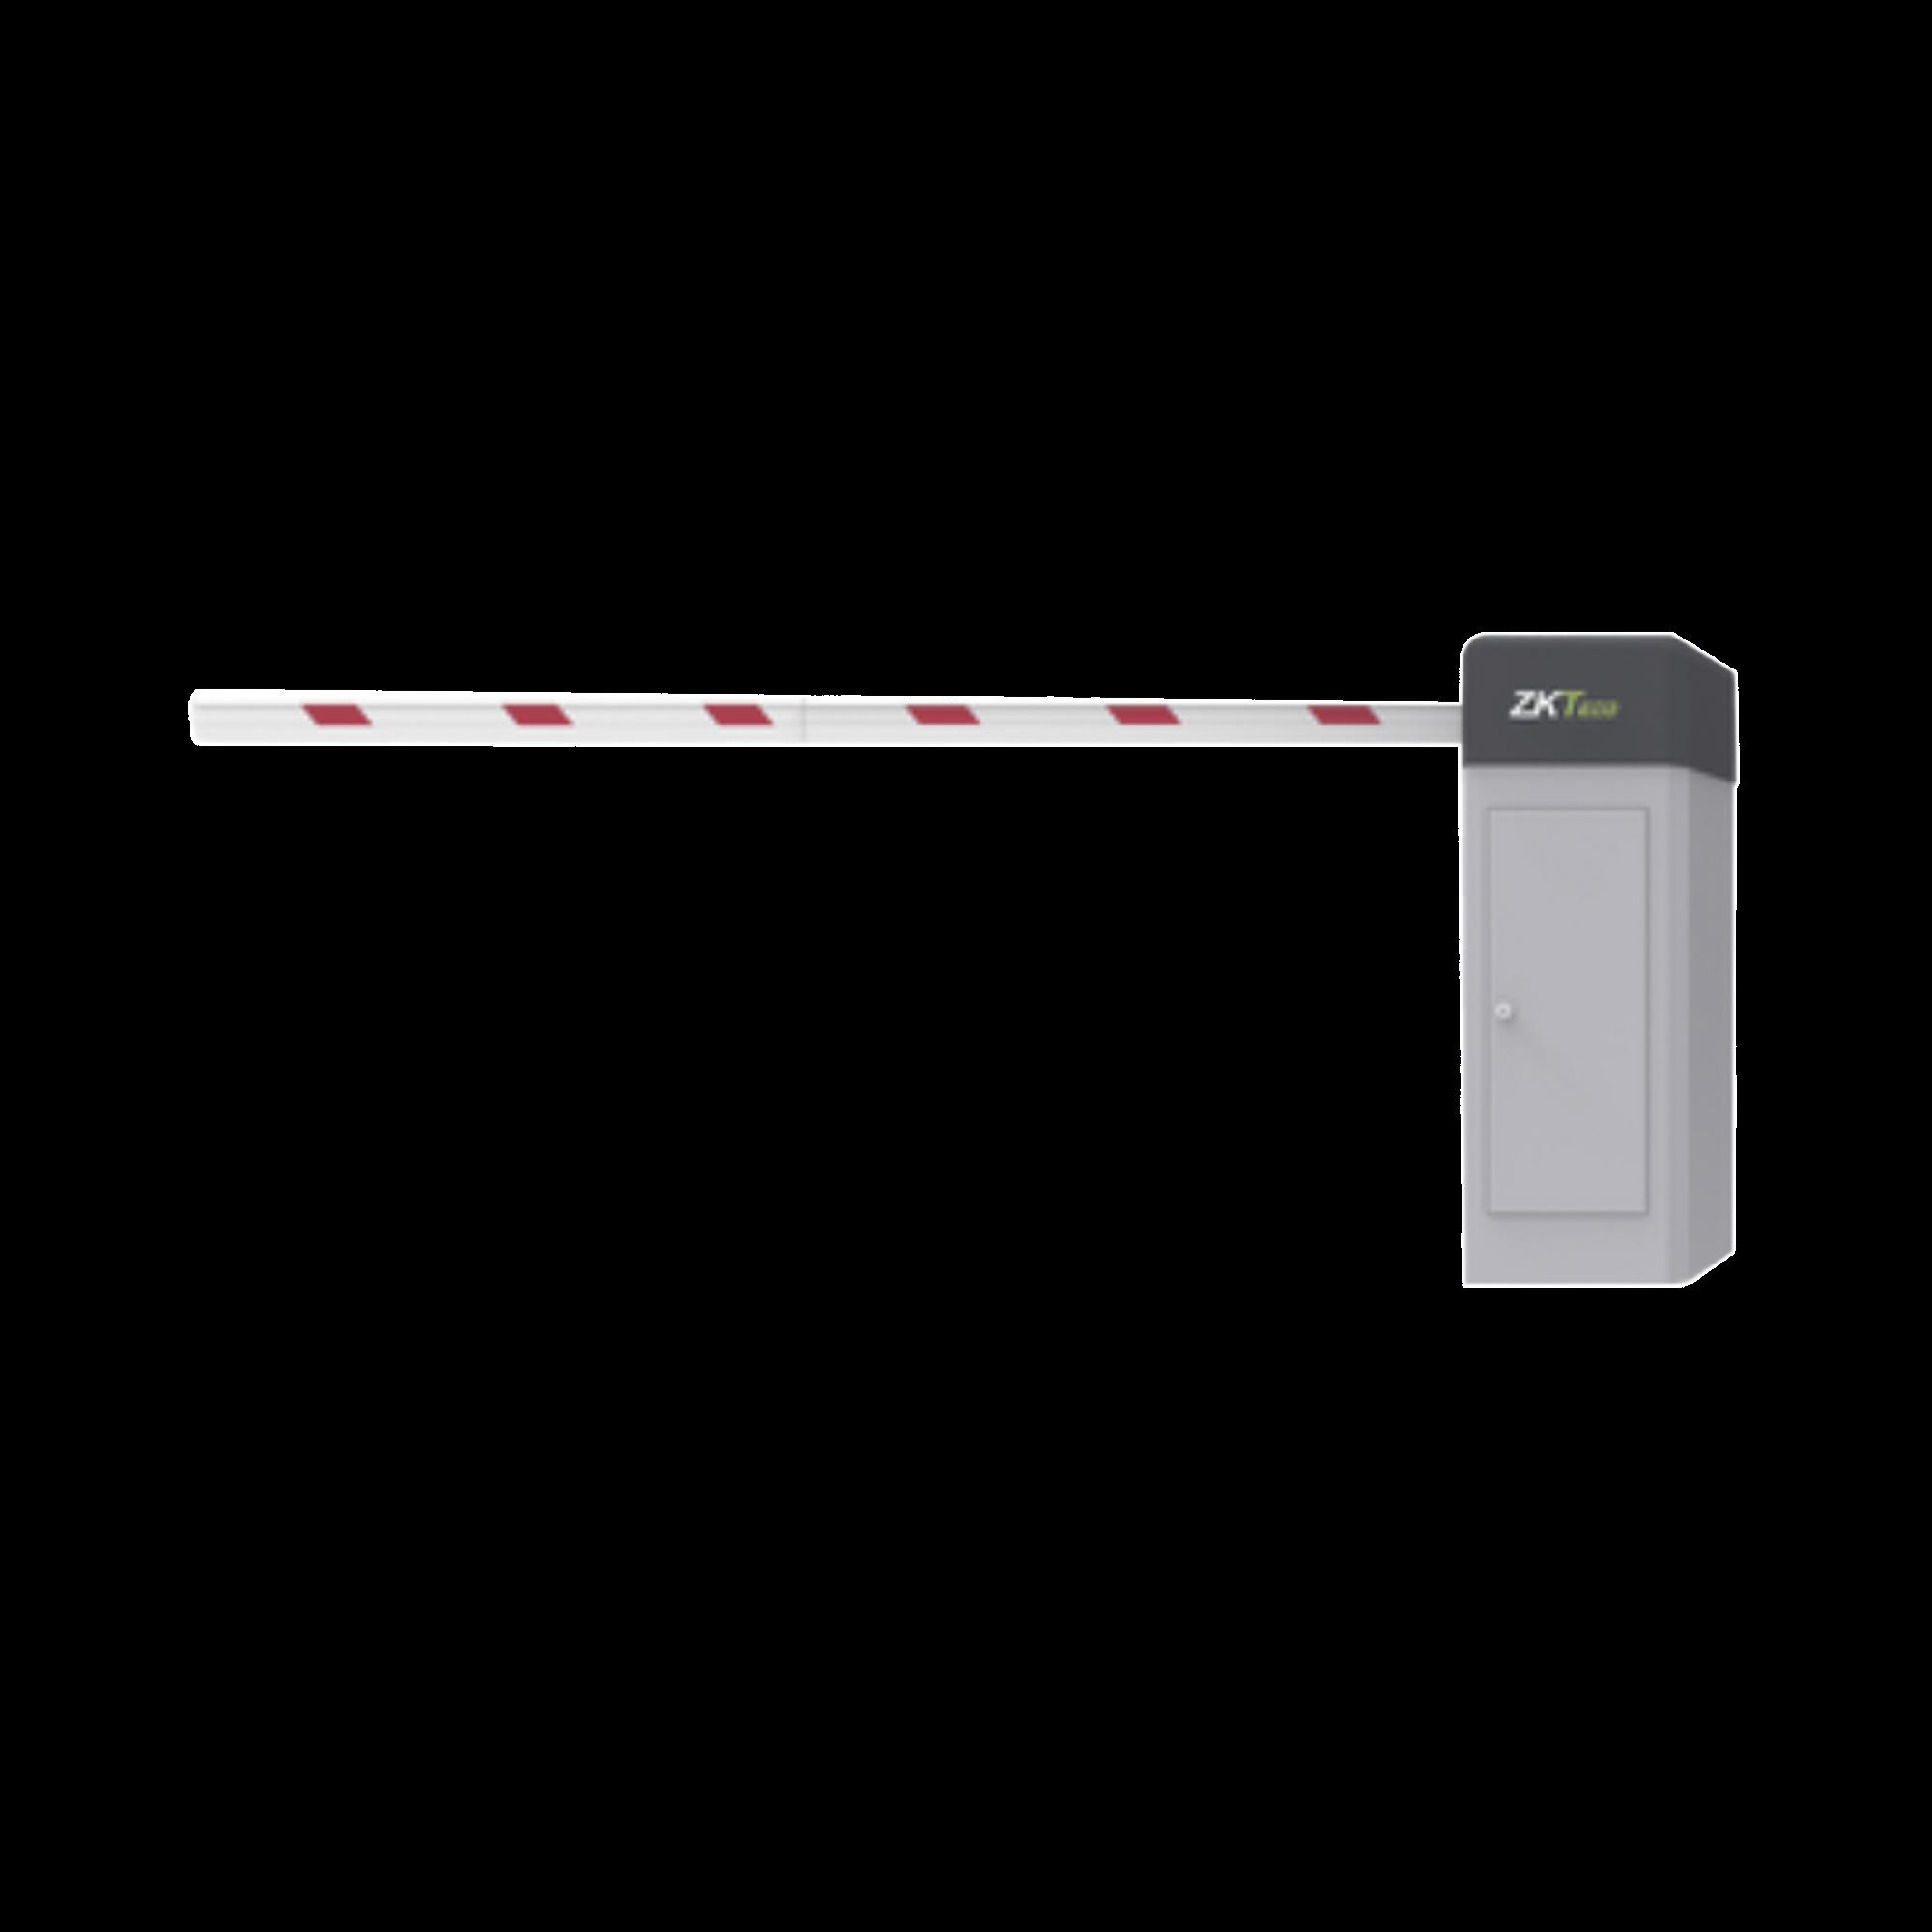 Barrera vehicular DERECHA con brazo ajustable a 4mts / 3 segundos en apertura / INCLUYE BRAZO